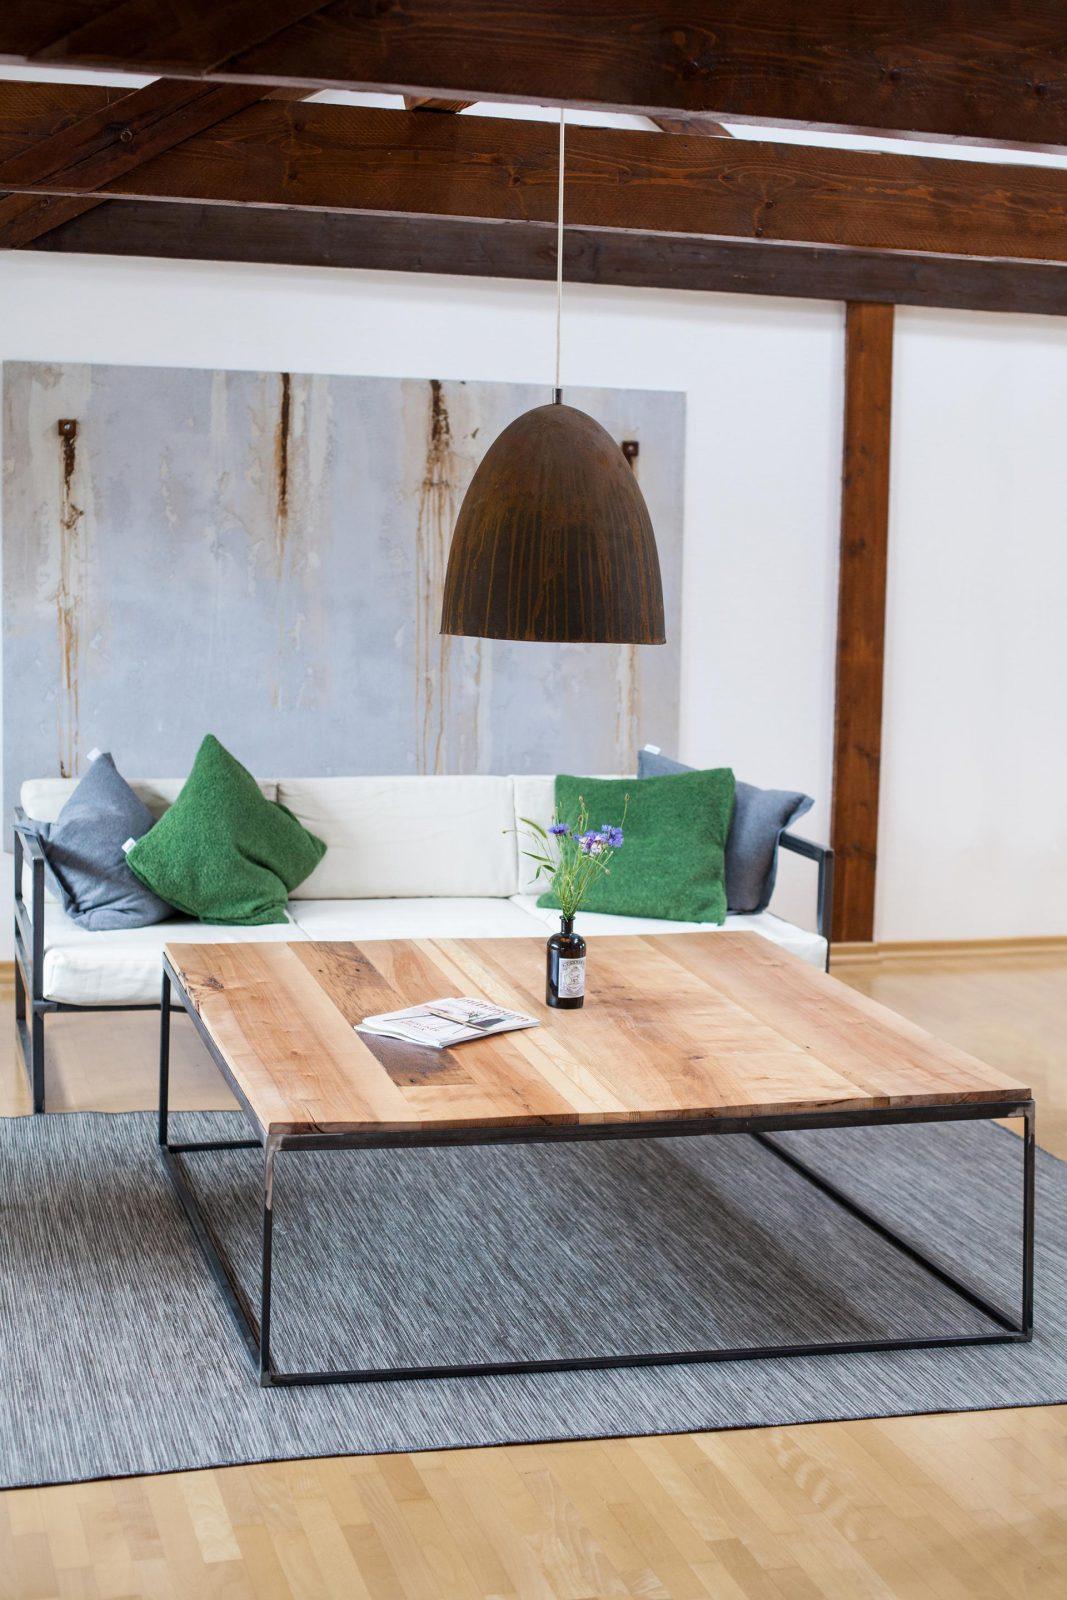 woodboom: Eine Liebe zu Design und Material